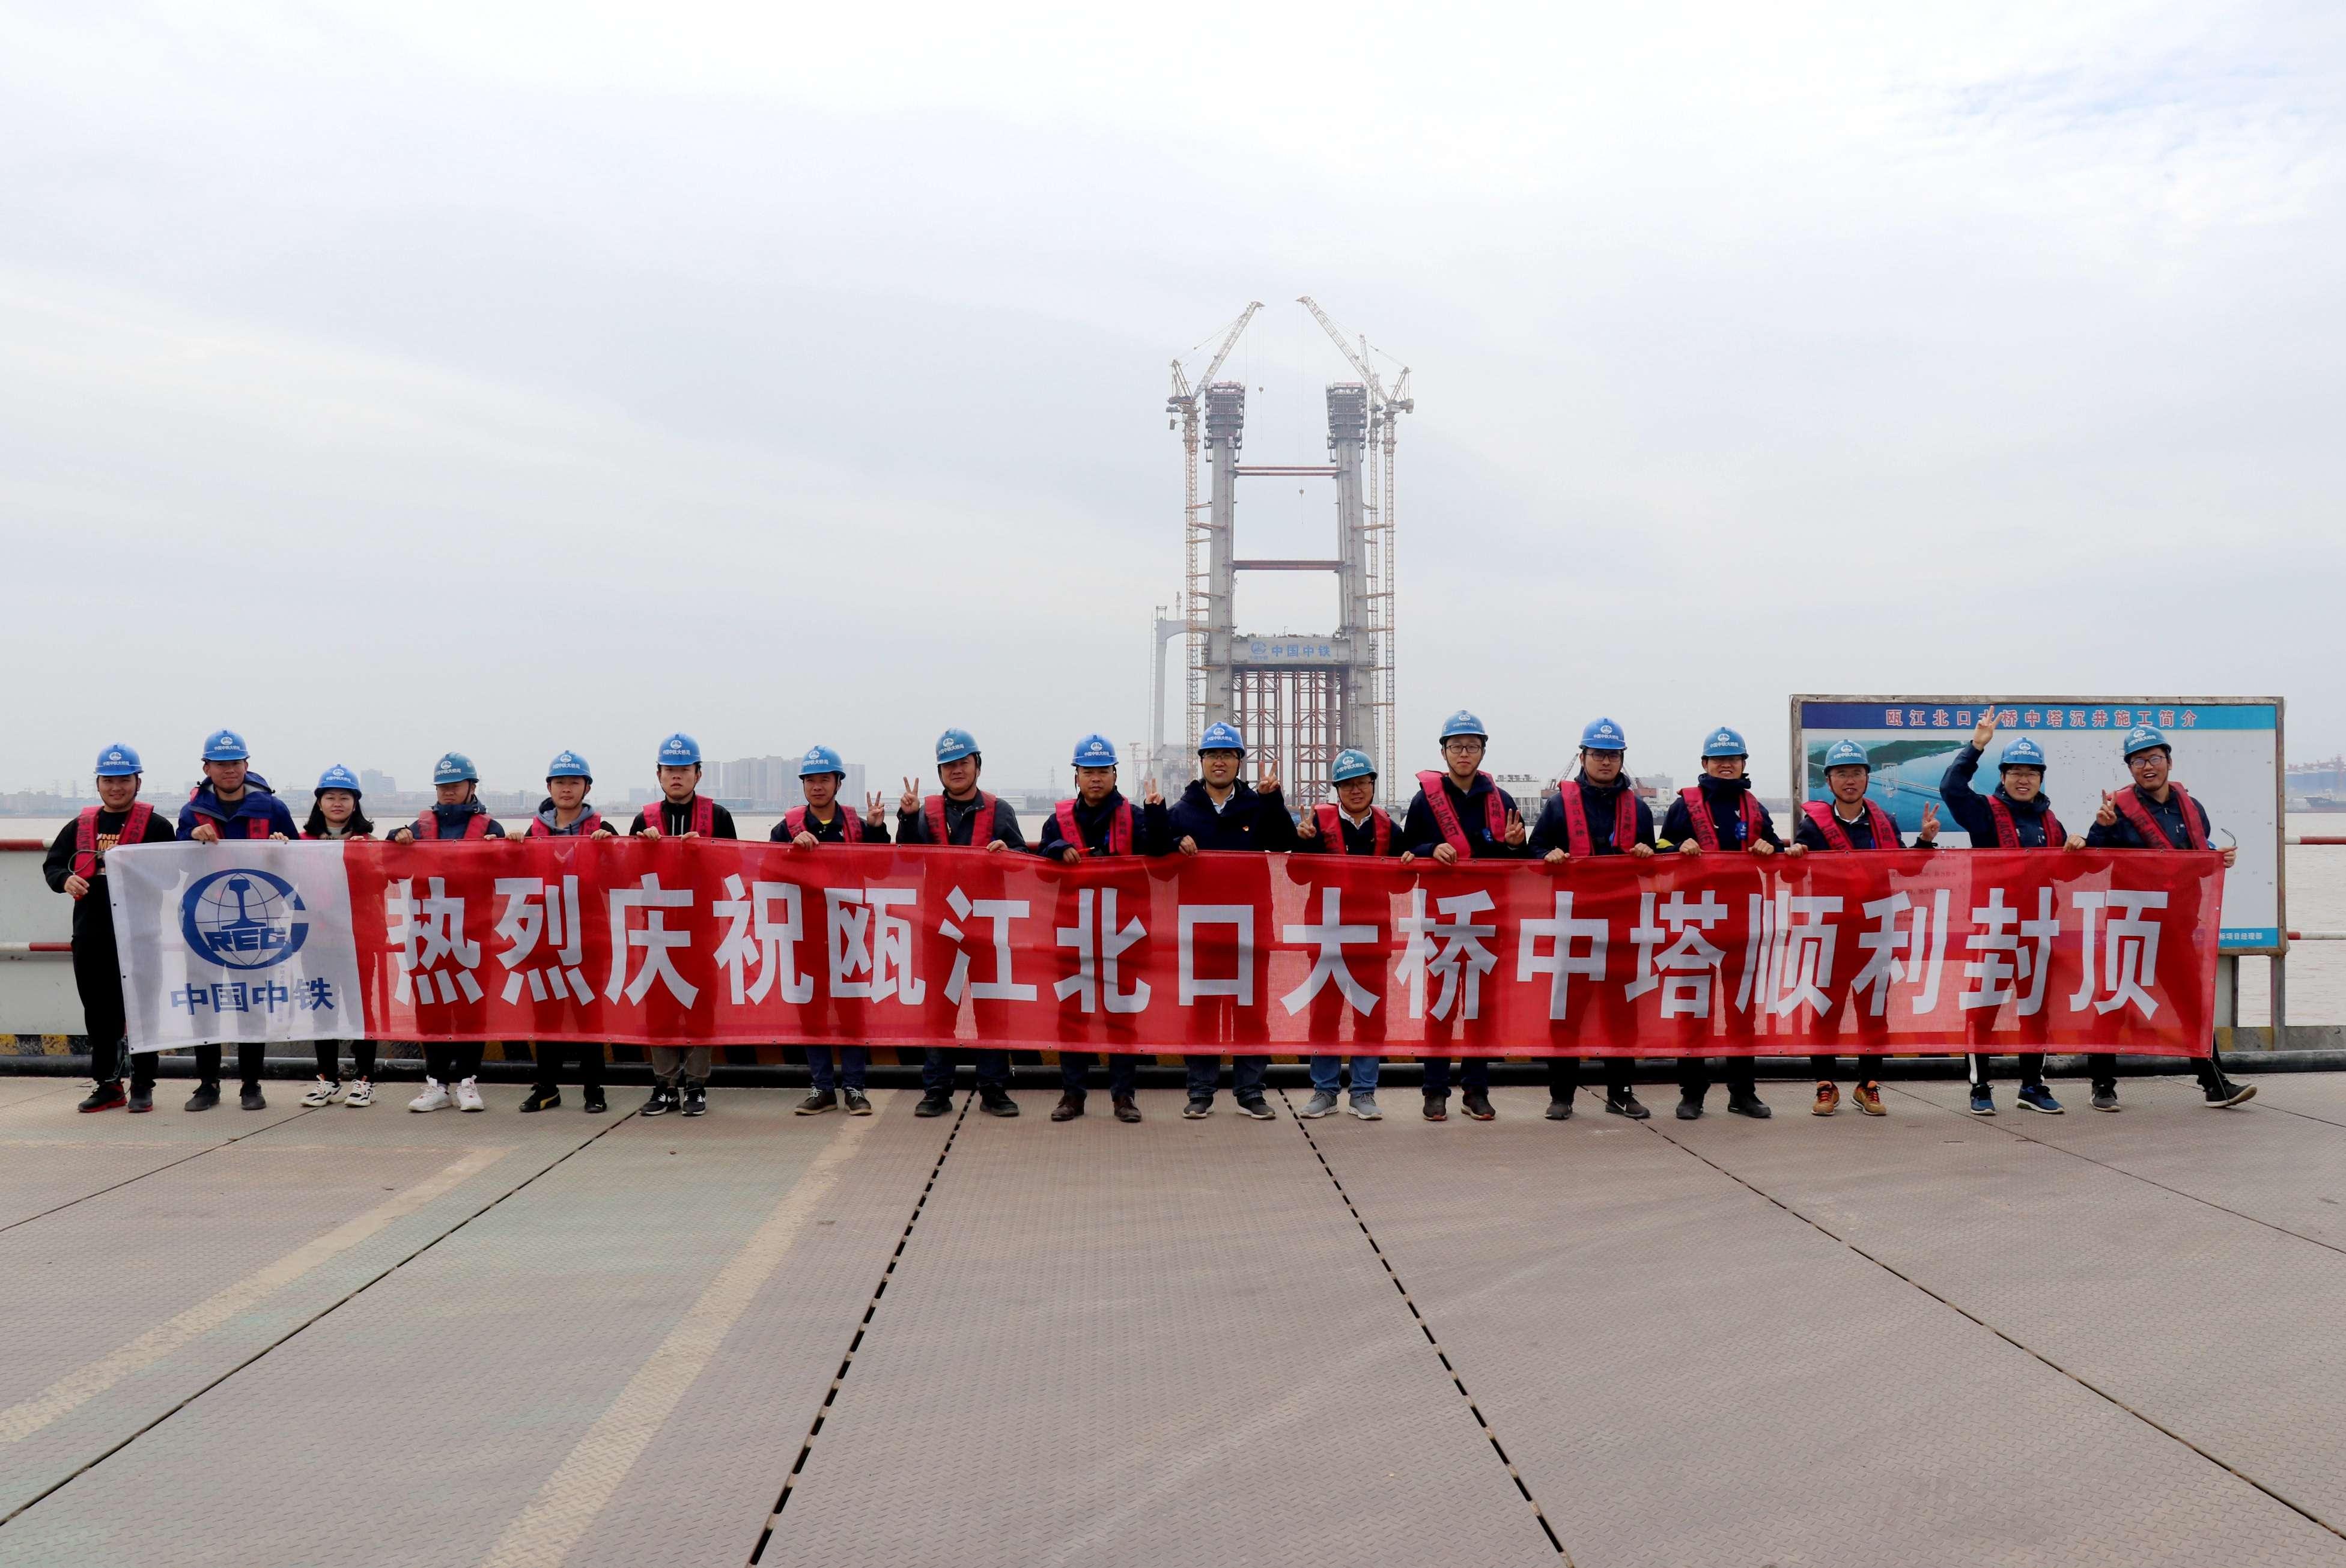 世界首座三塔四跨双层钢桁梁悬索桥中塔封顶